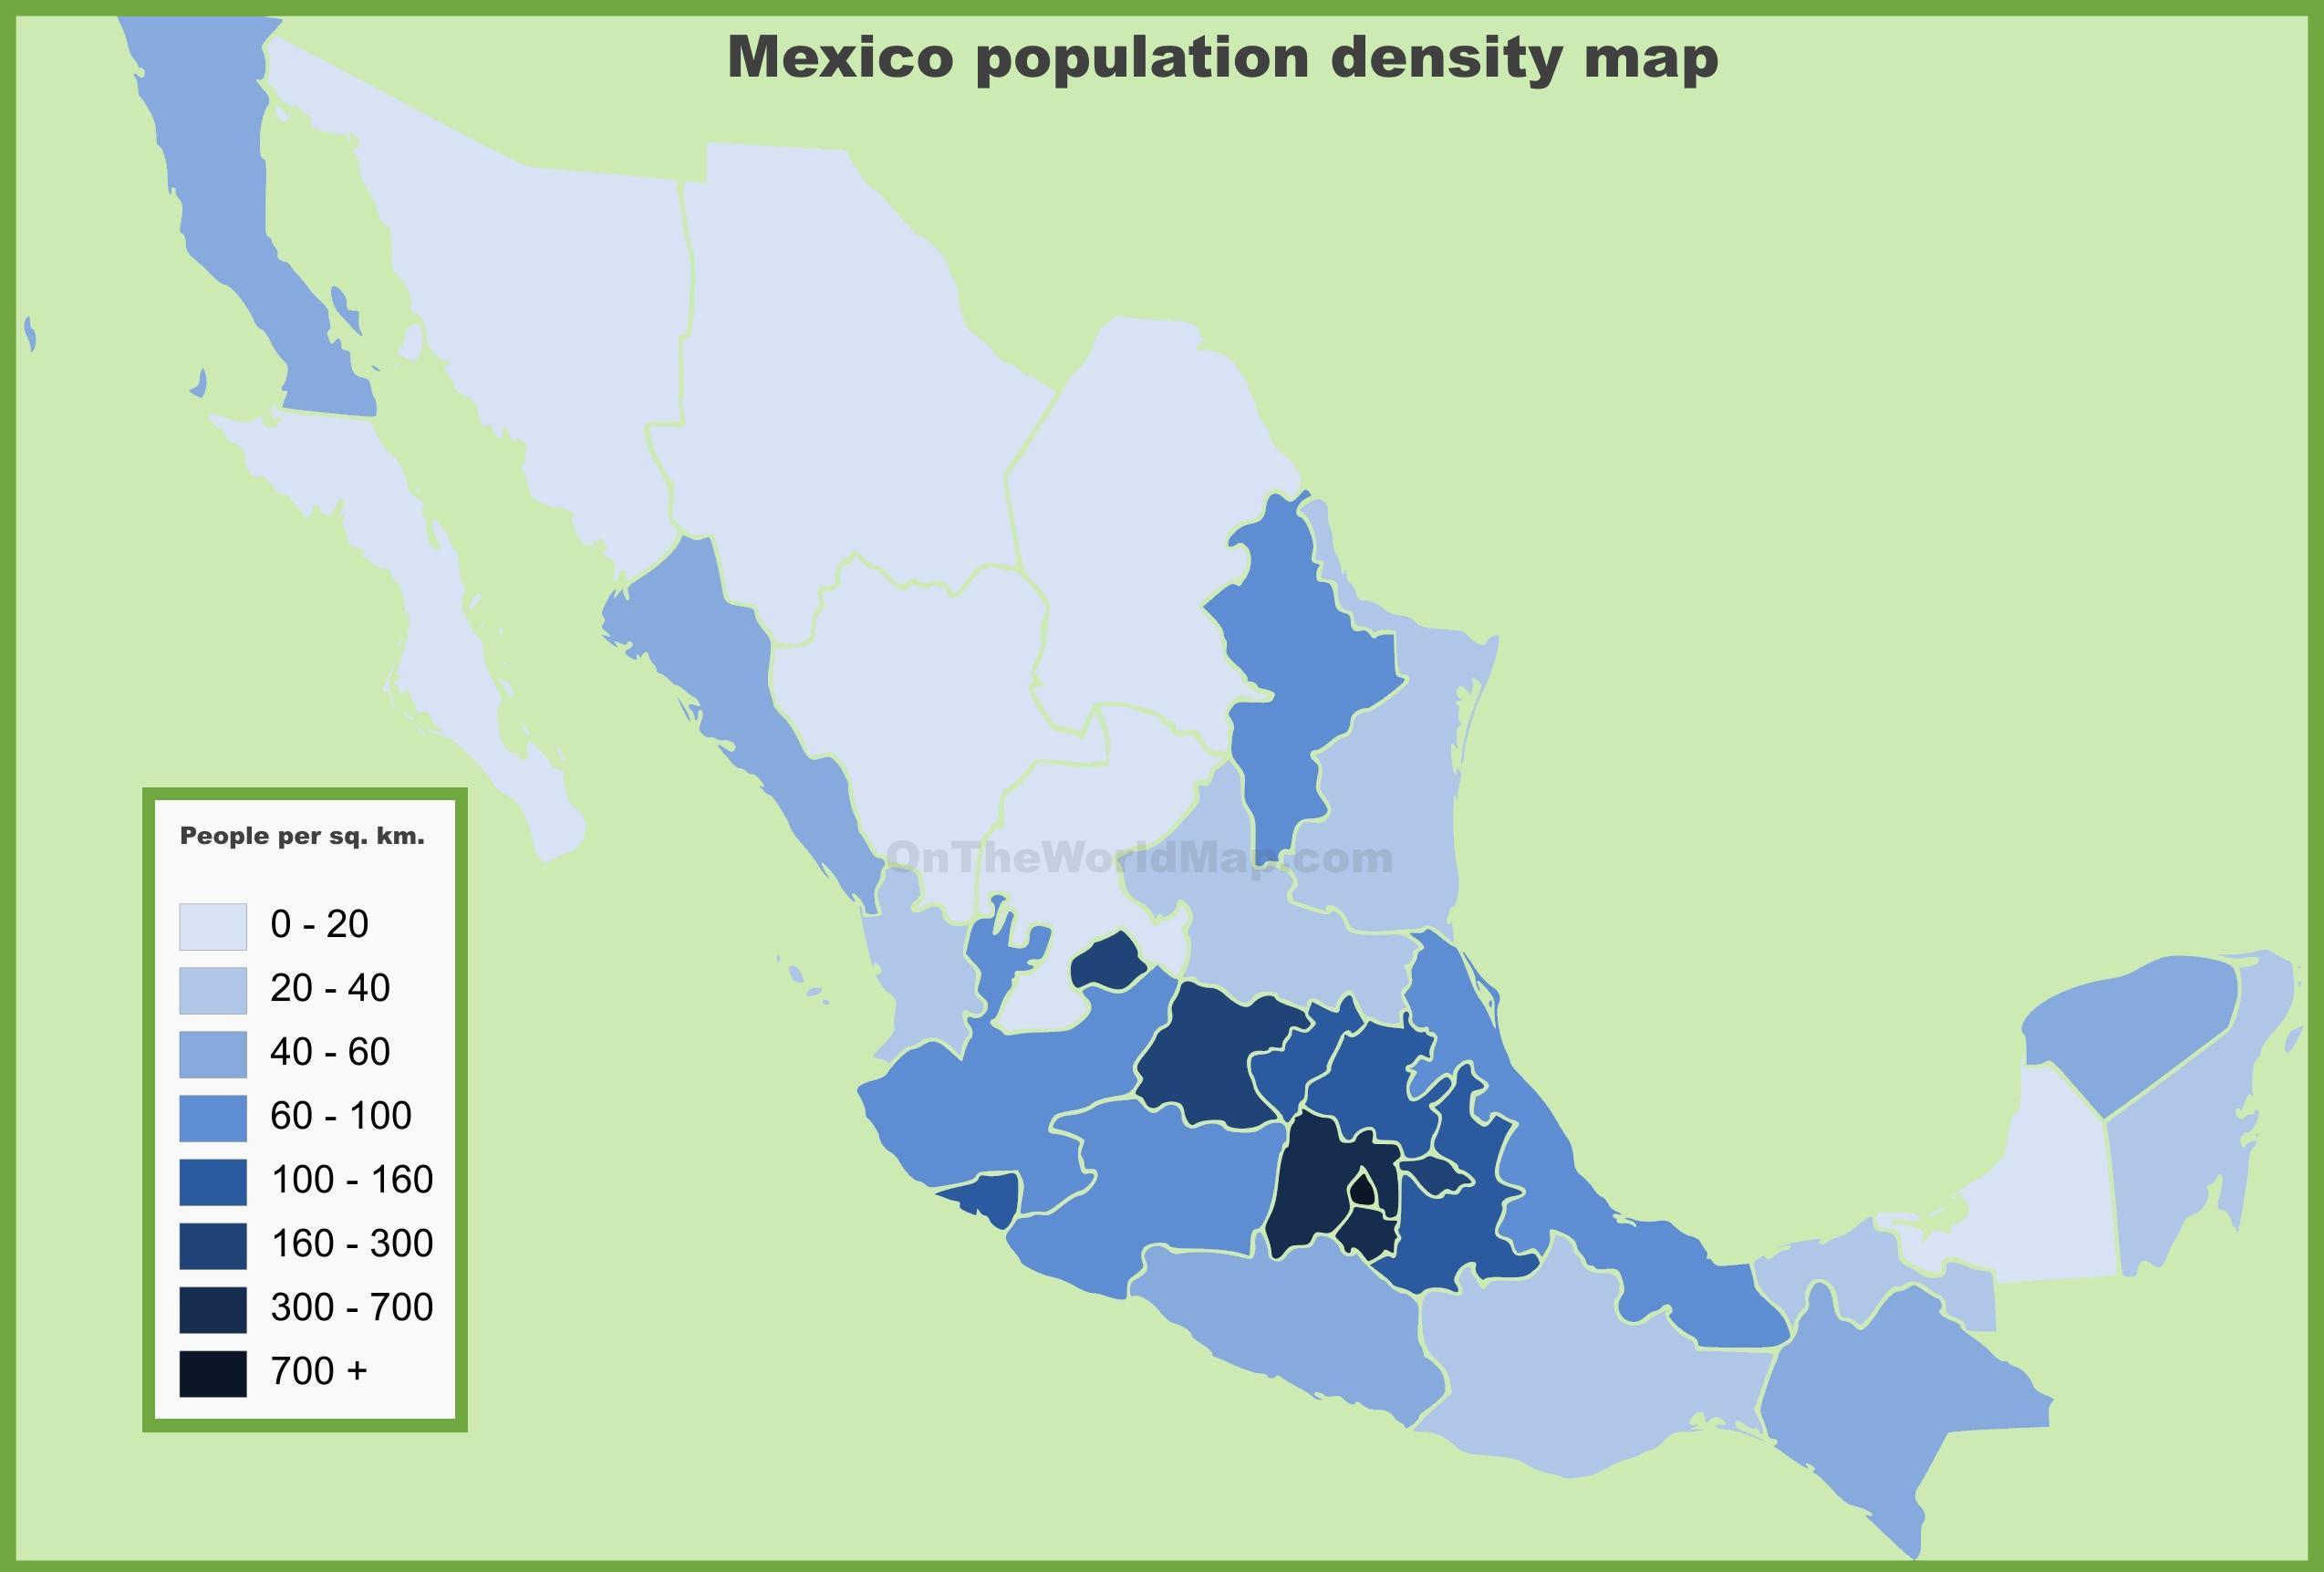 kart mexico Mexico befolkningstetthet kart   befolkningstetthet kart Mexico  kart mexico